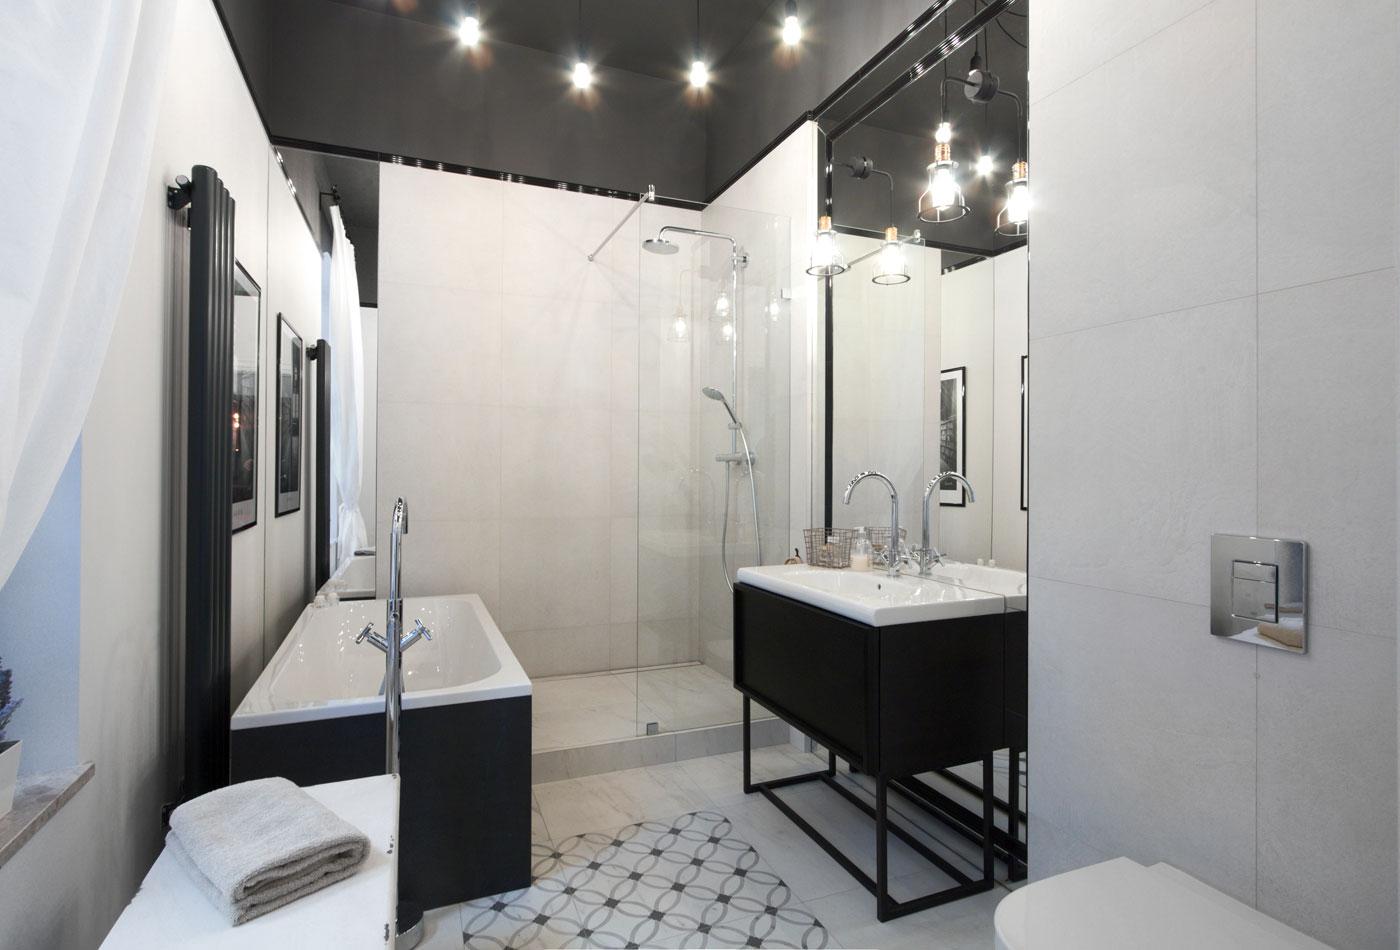 Projekt funkcjonalnej łazienki - Soma Architekci